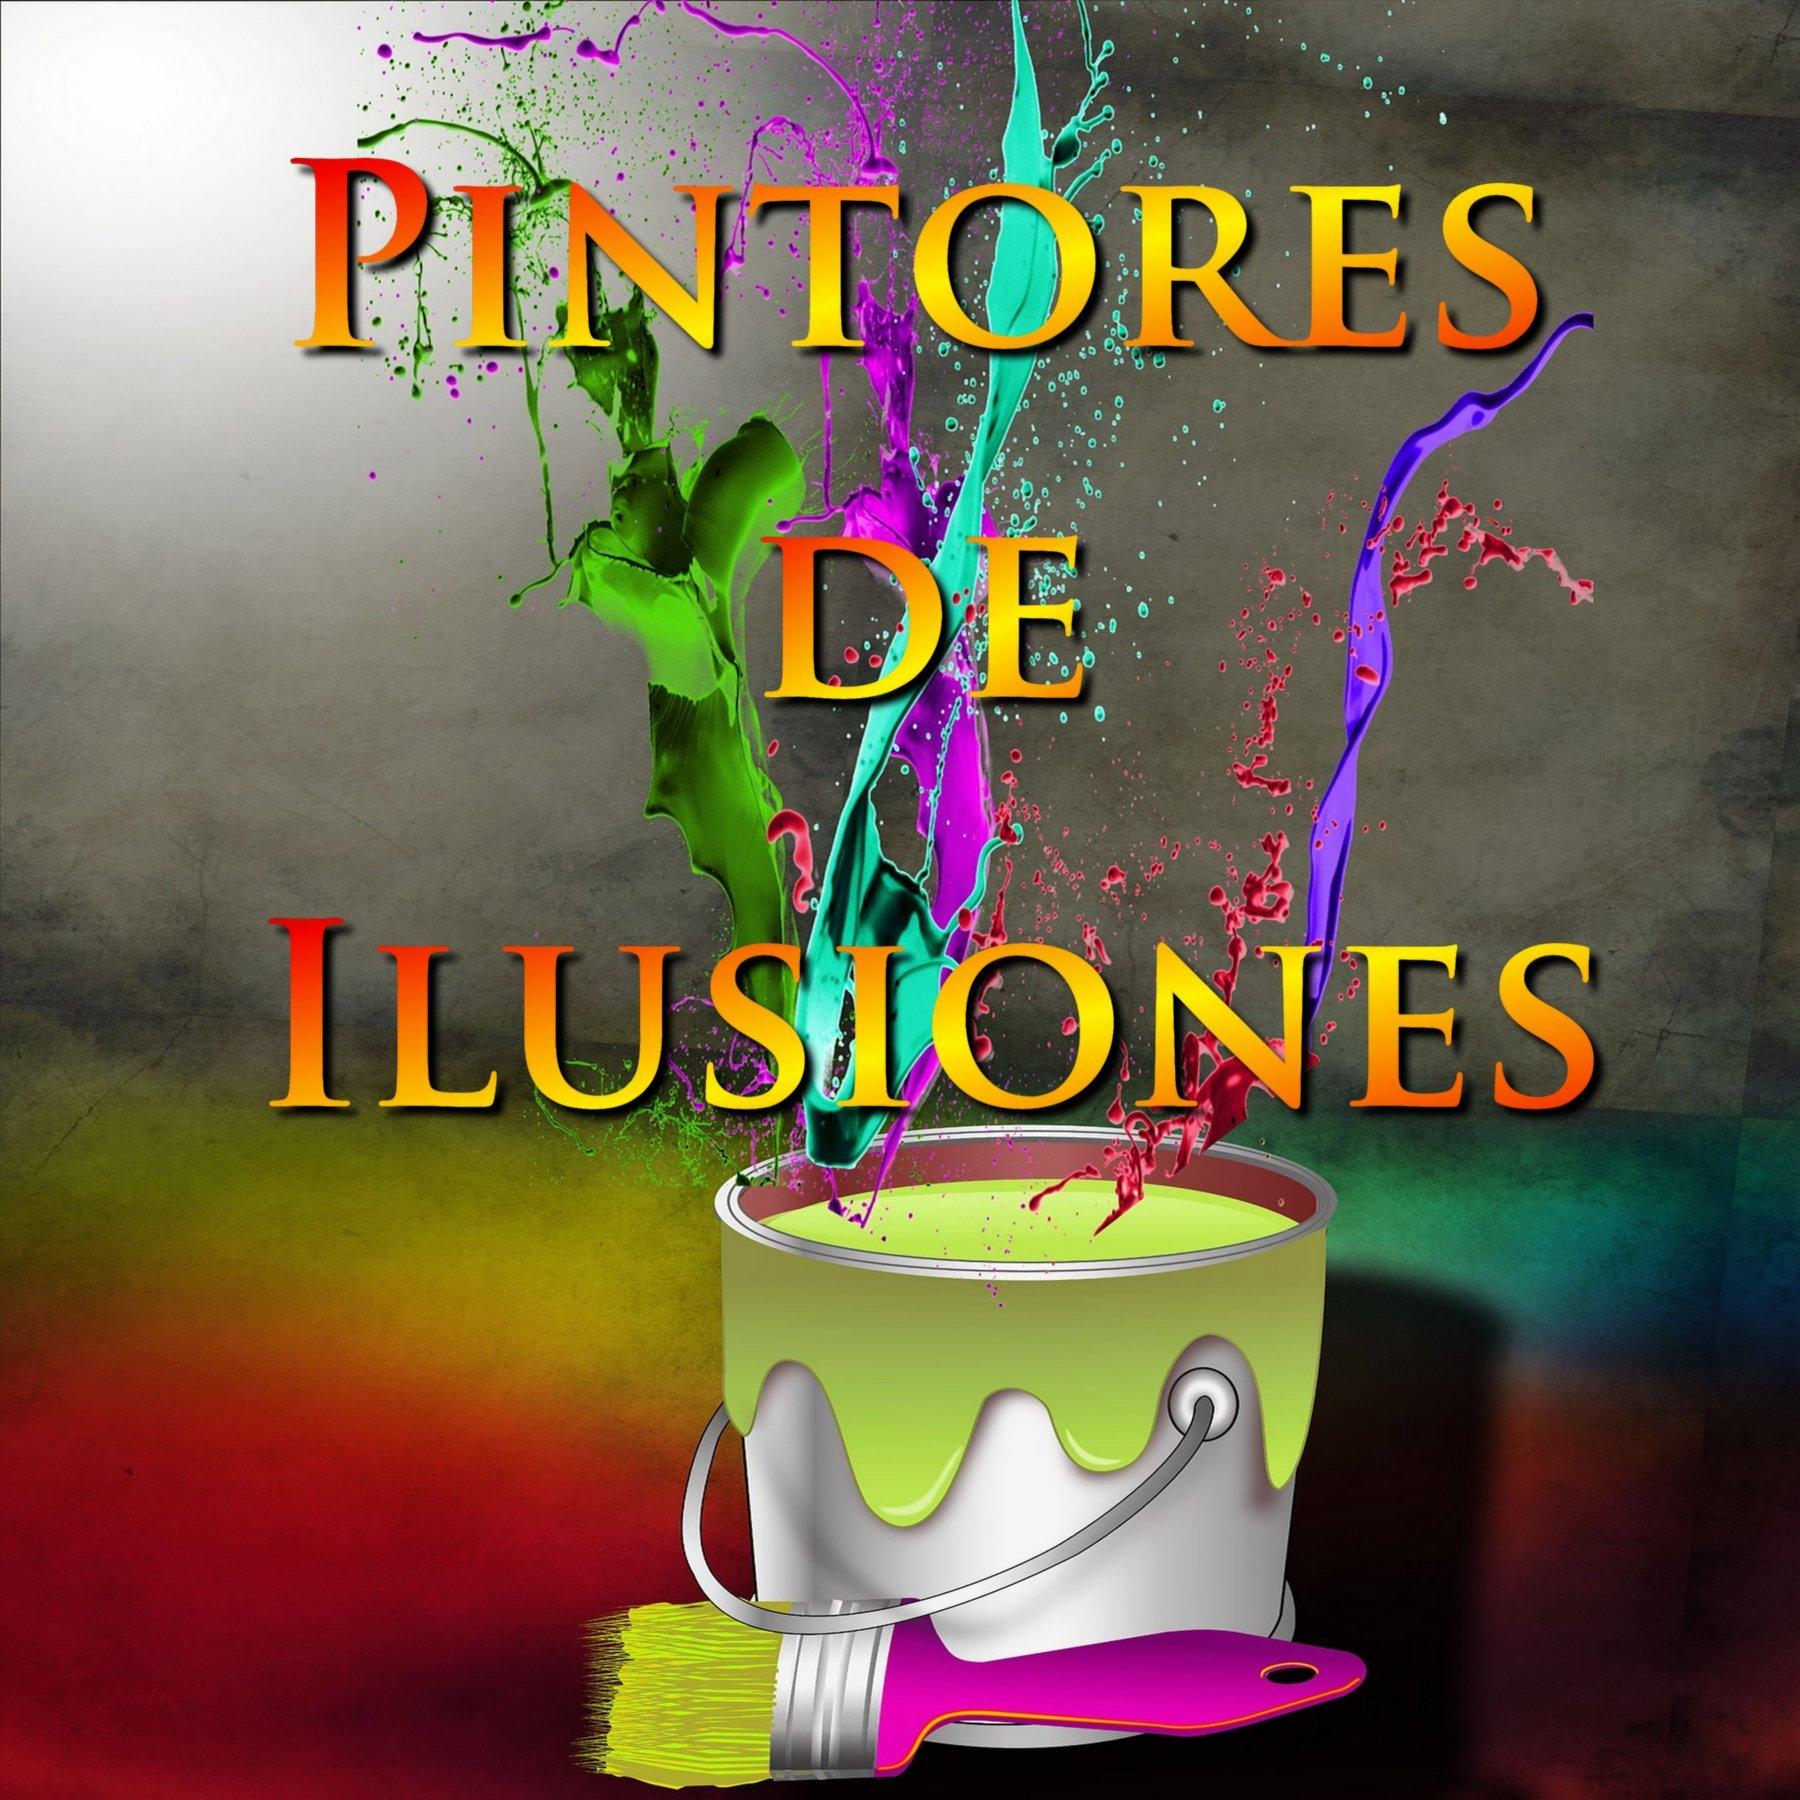 (c) Pintoresdeilusiones.es